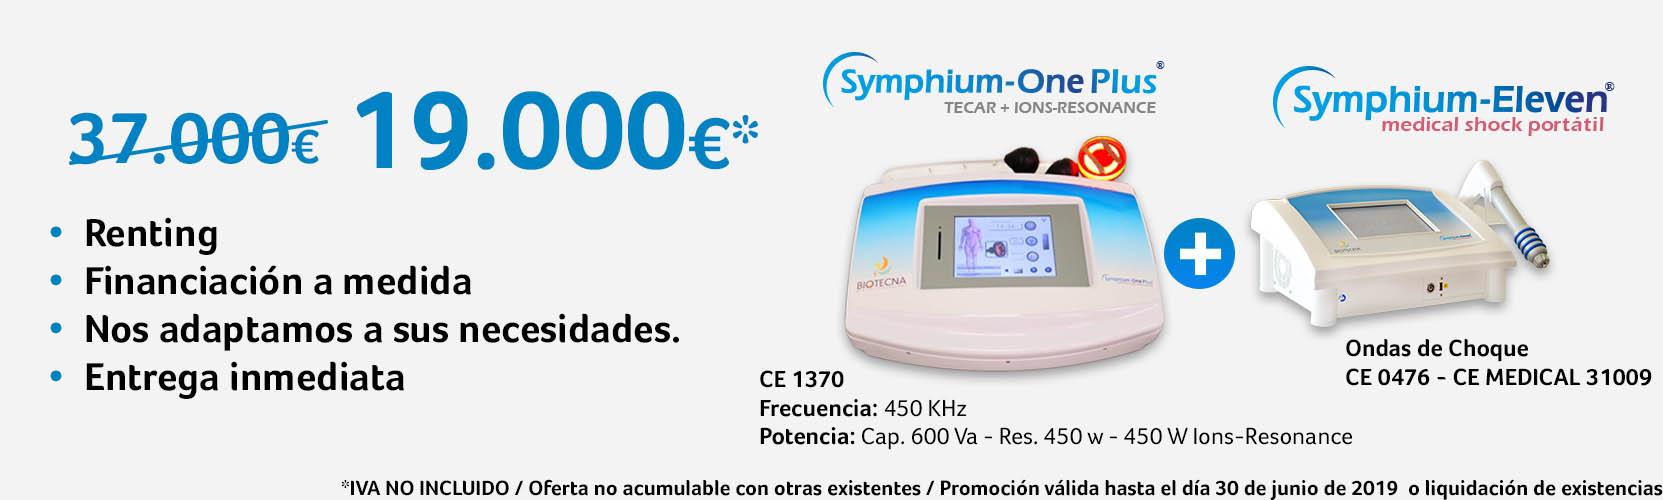 Symphium-One-Plus-1